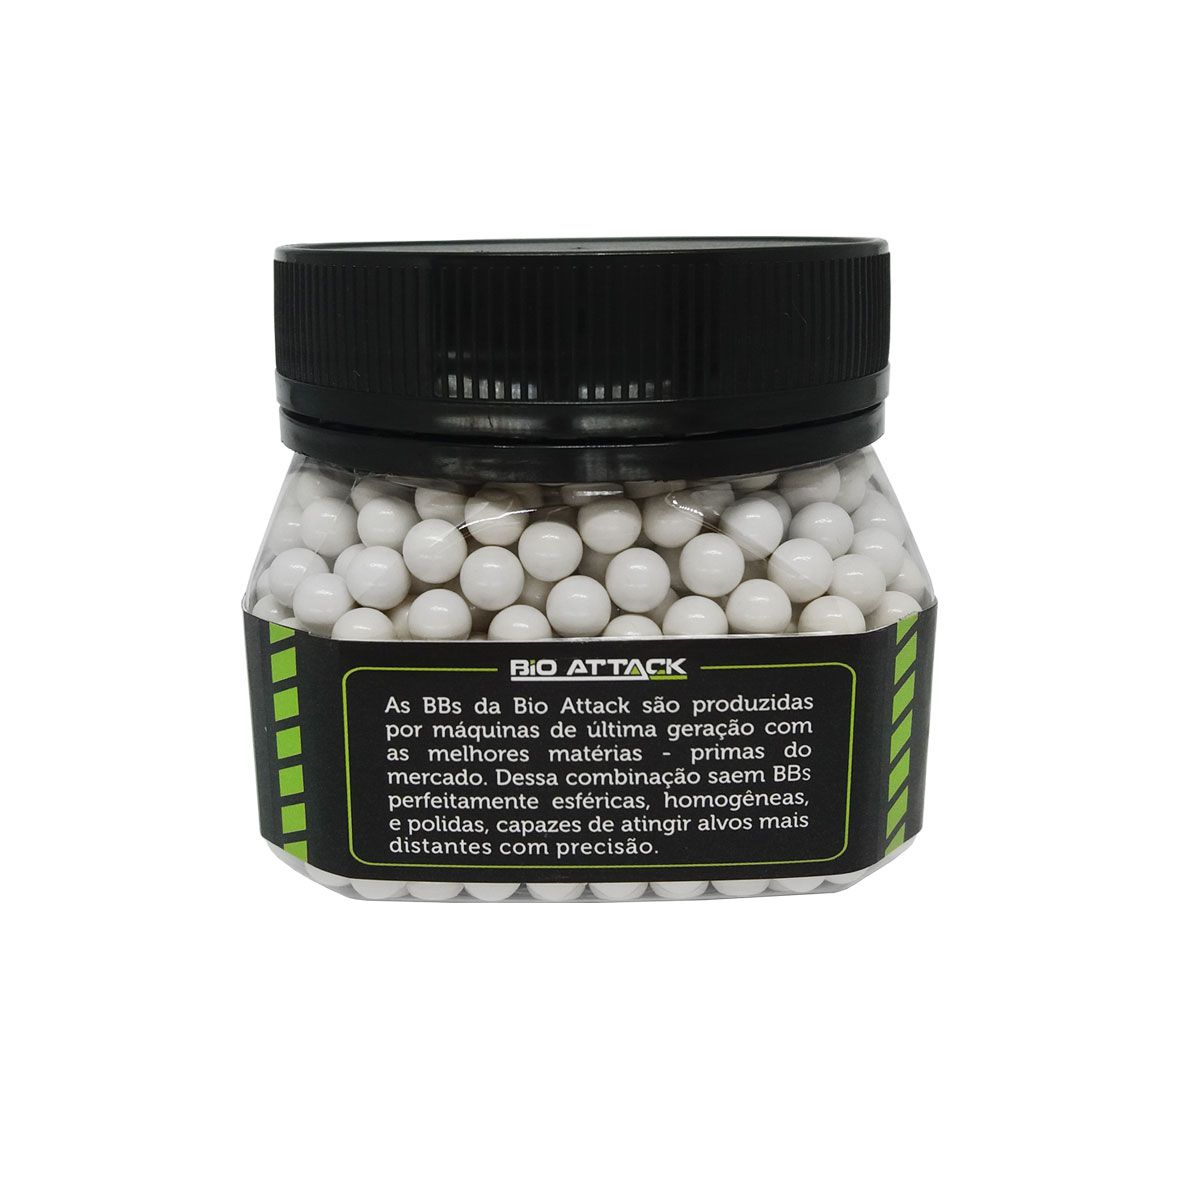 Esferas Plásticas BBs Bio Attack 6mm 0,43g 1000un